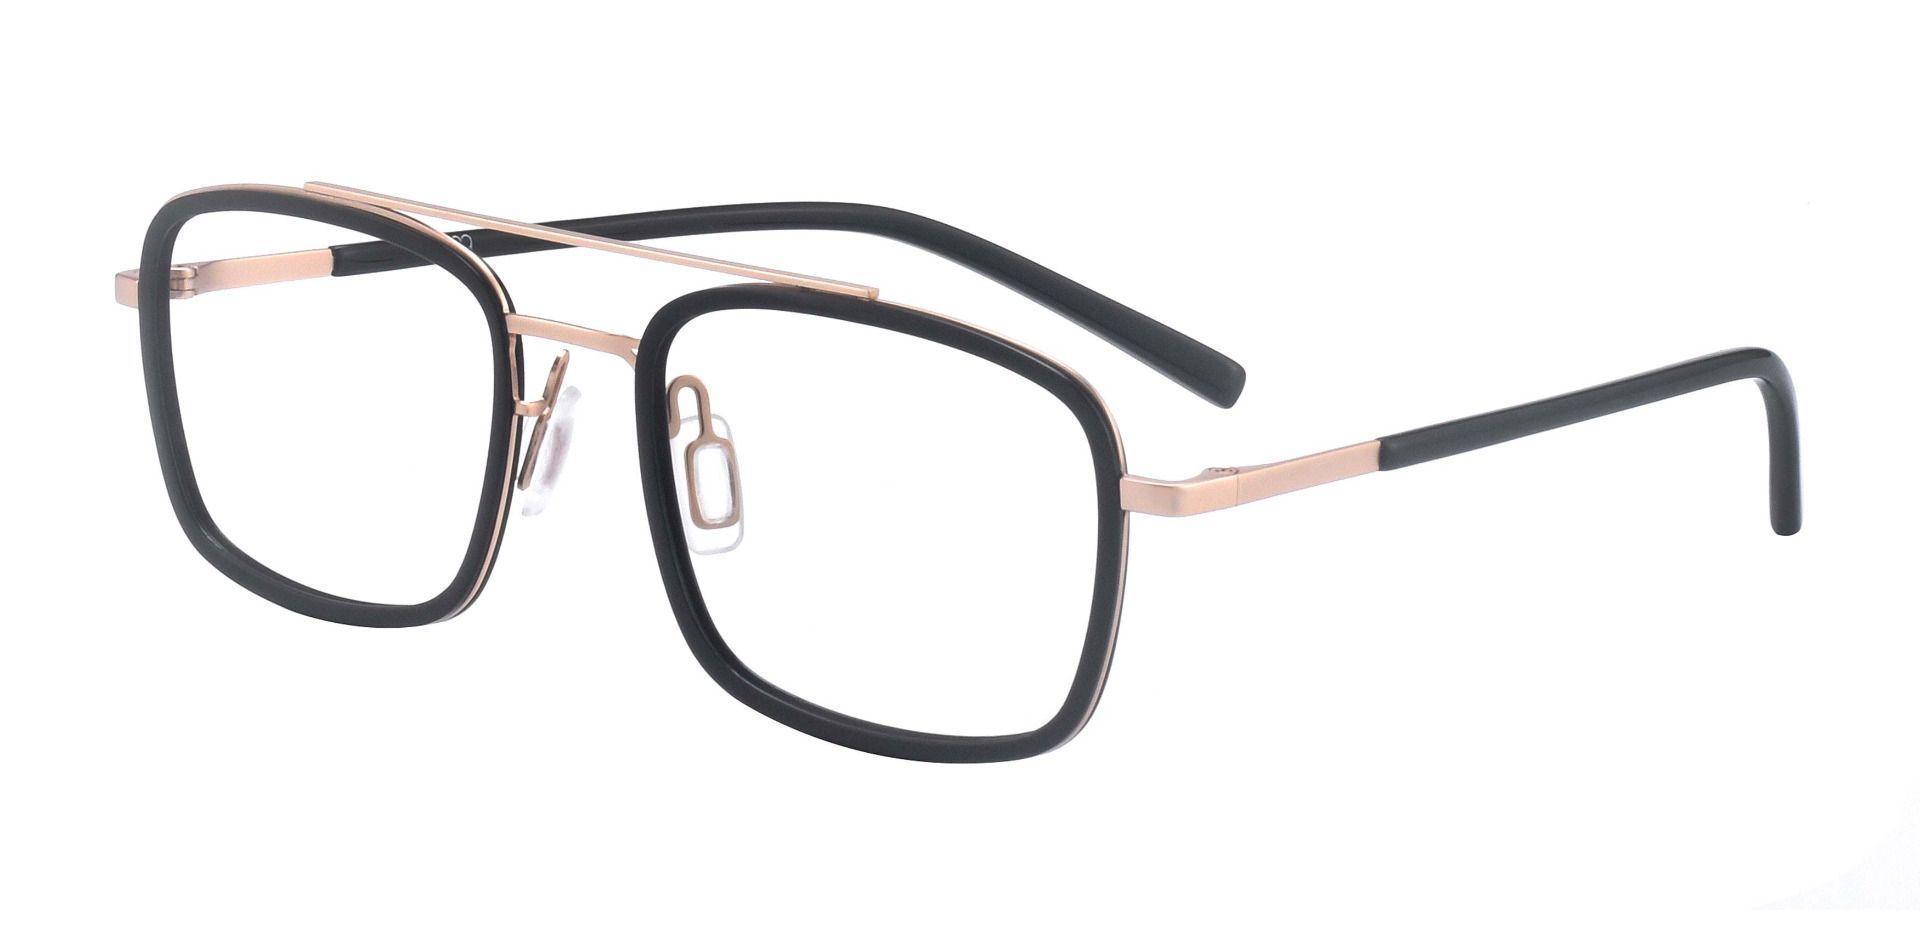 Margot Aviator Prescription Glasses - Black/brushed Light Gold